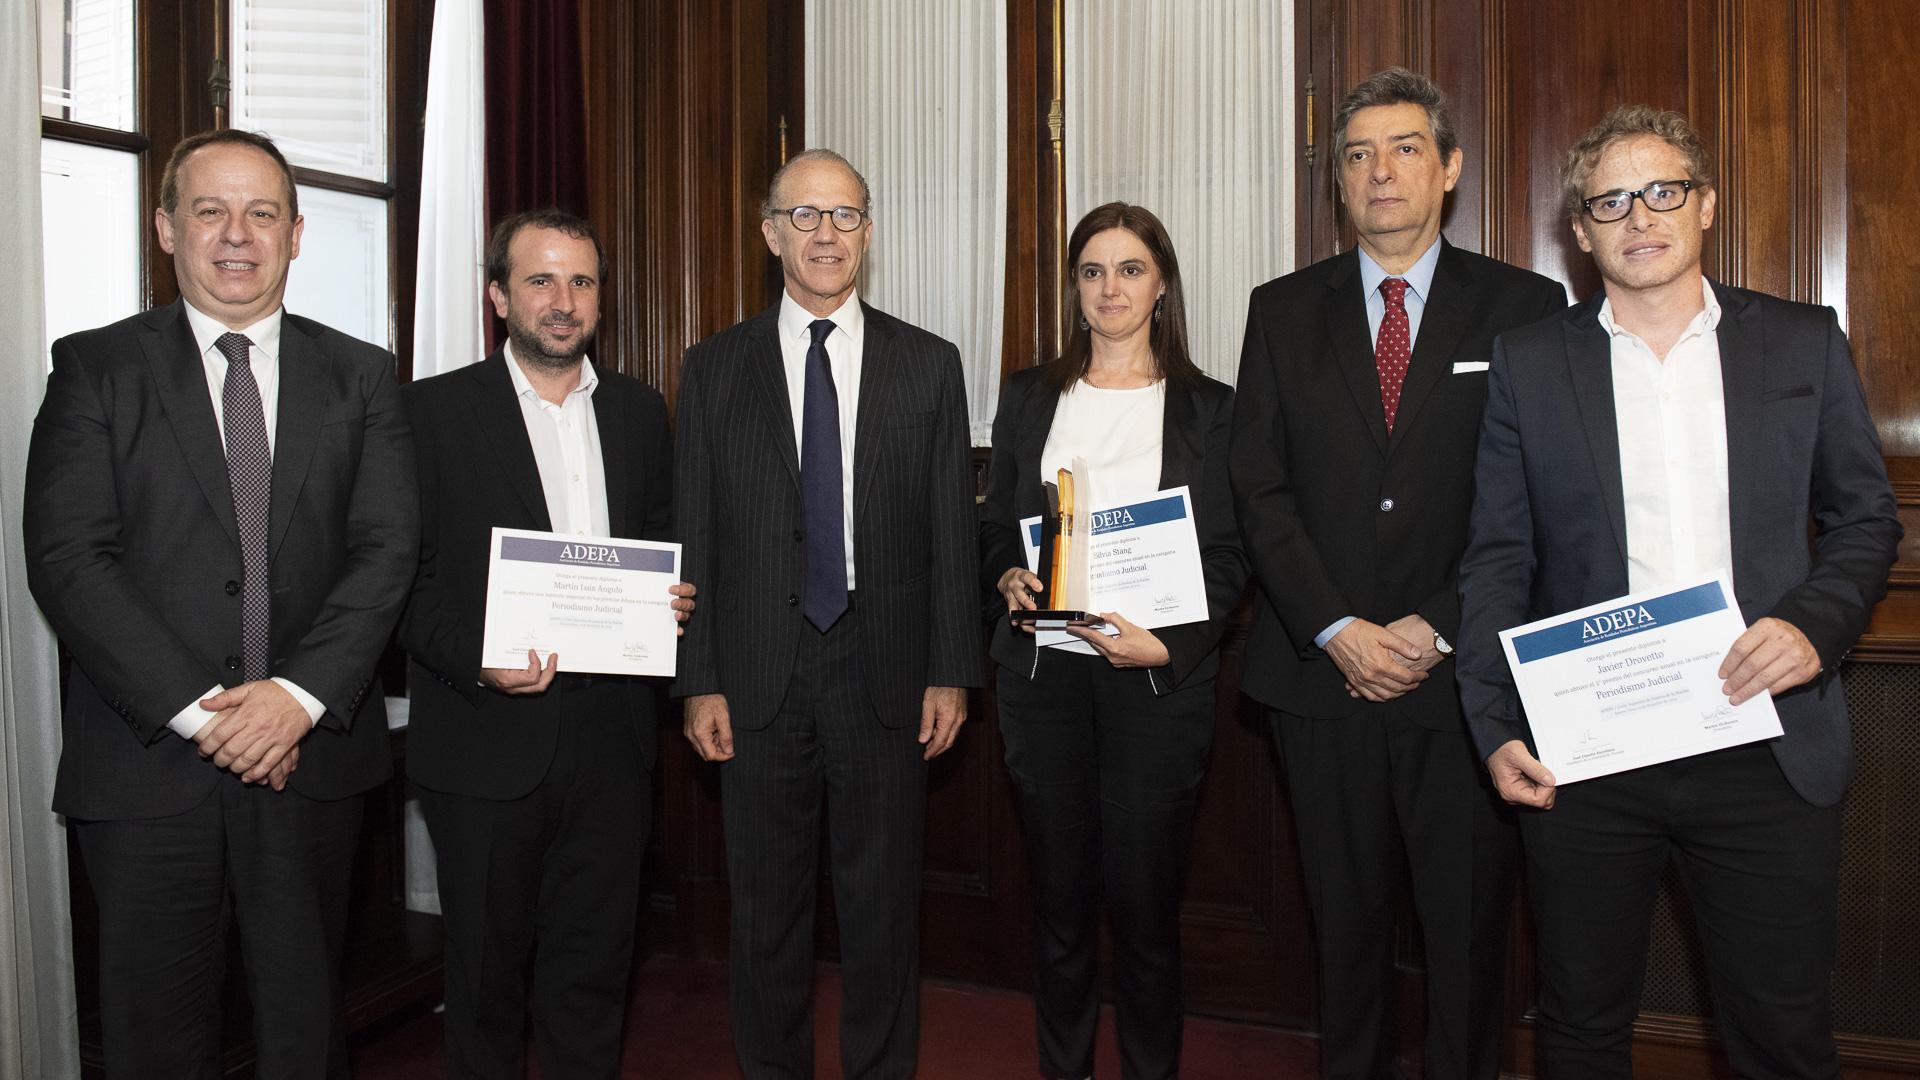 Martín Angulo de Infobae, Silvia Silvia Stang de La Nación y Javier Drovetto de Red/acción, cada uno con sus premios